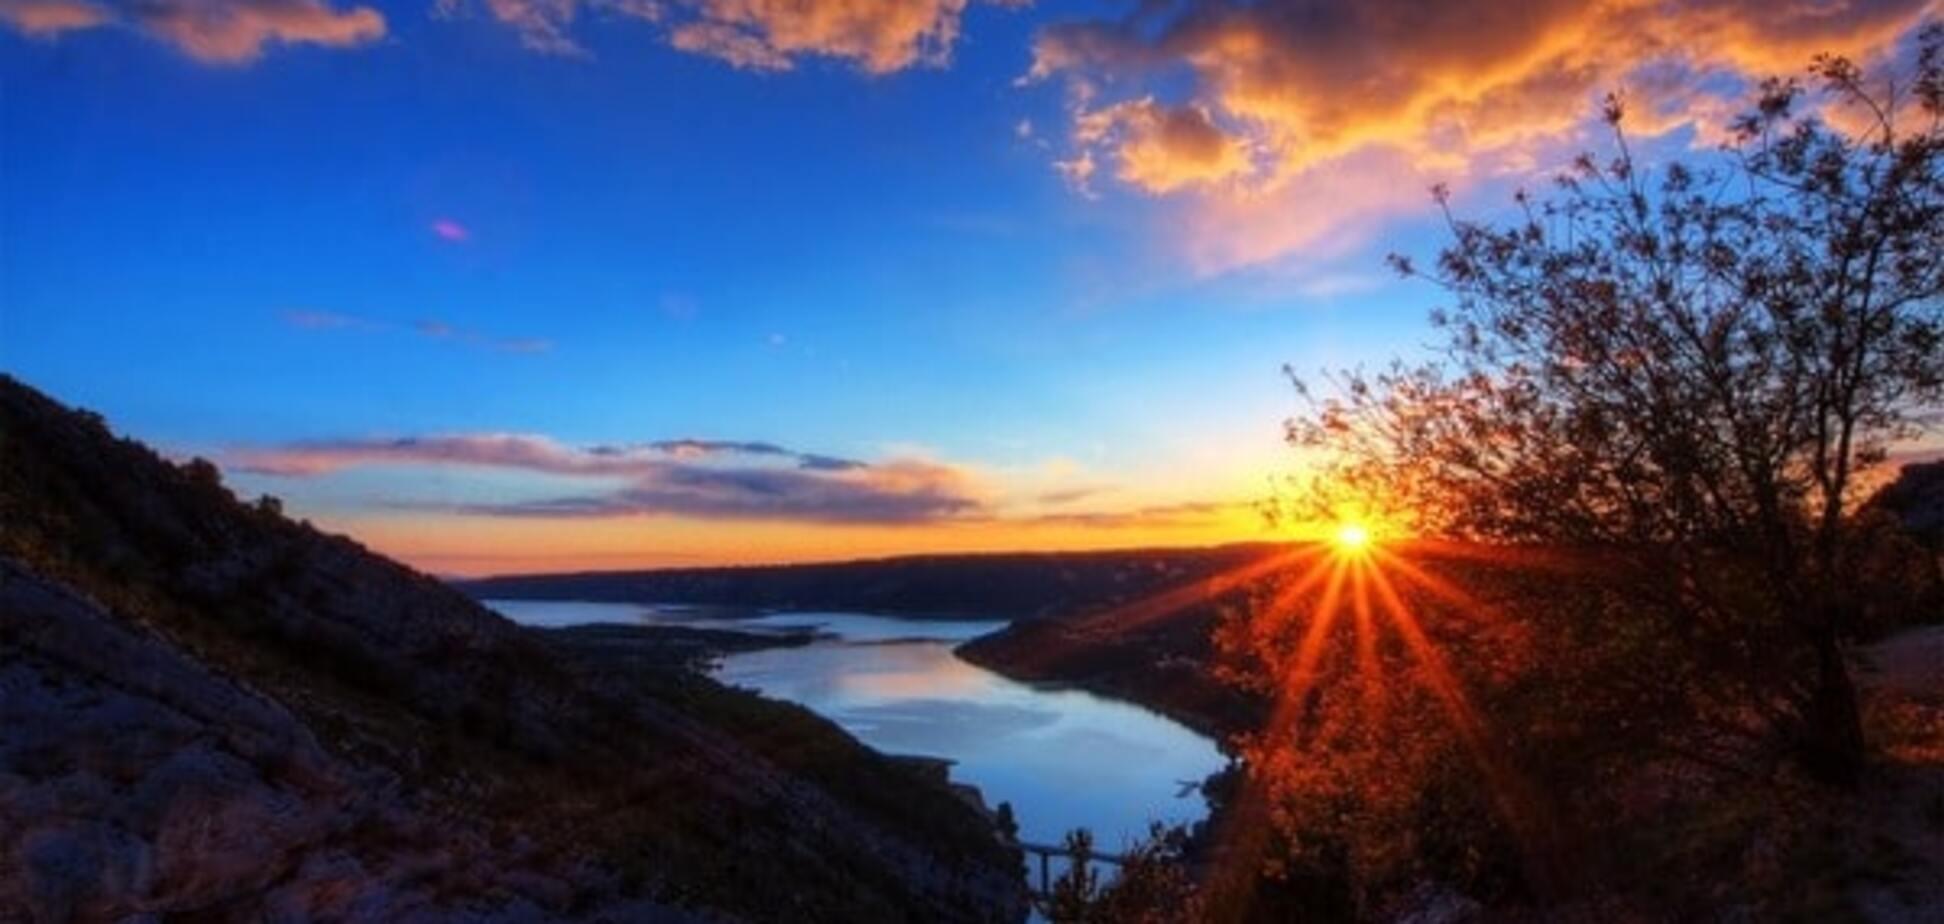 Дивовижна природа: найкрасивіший каньйон Європи. Фоторепортаж